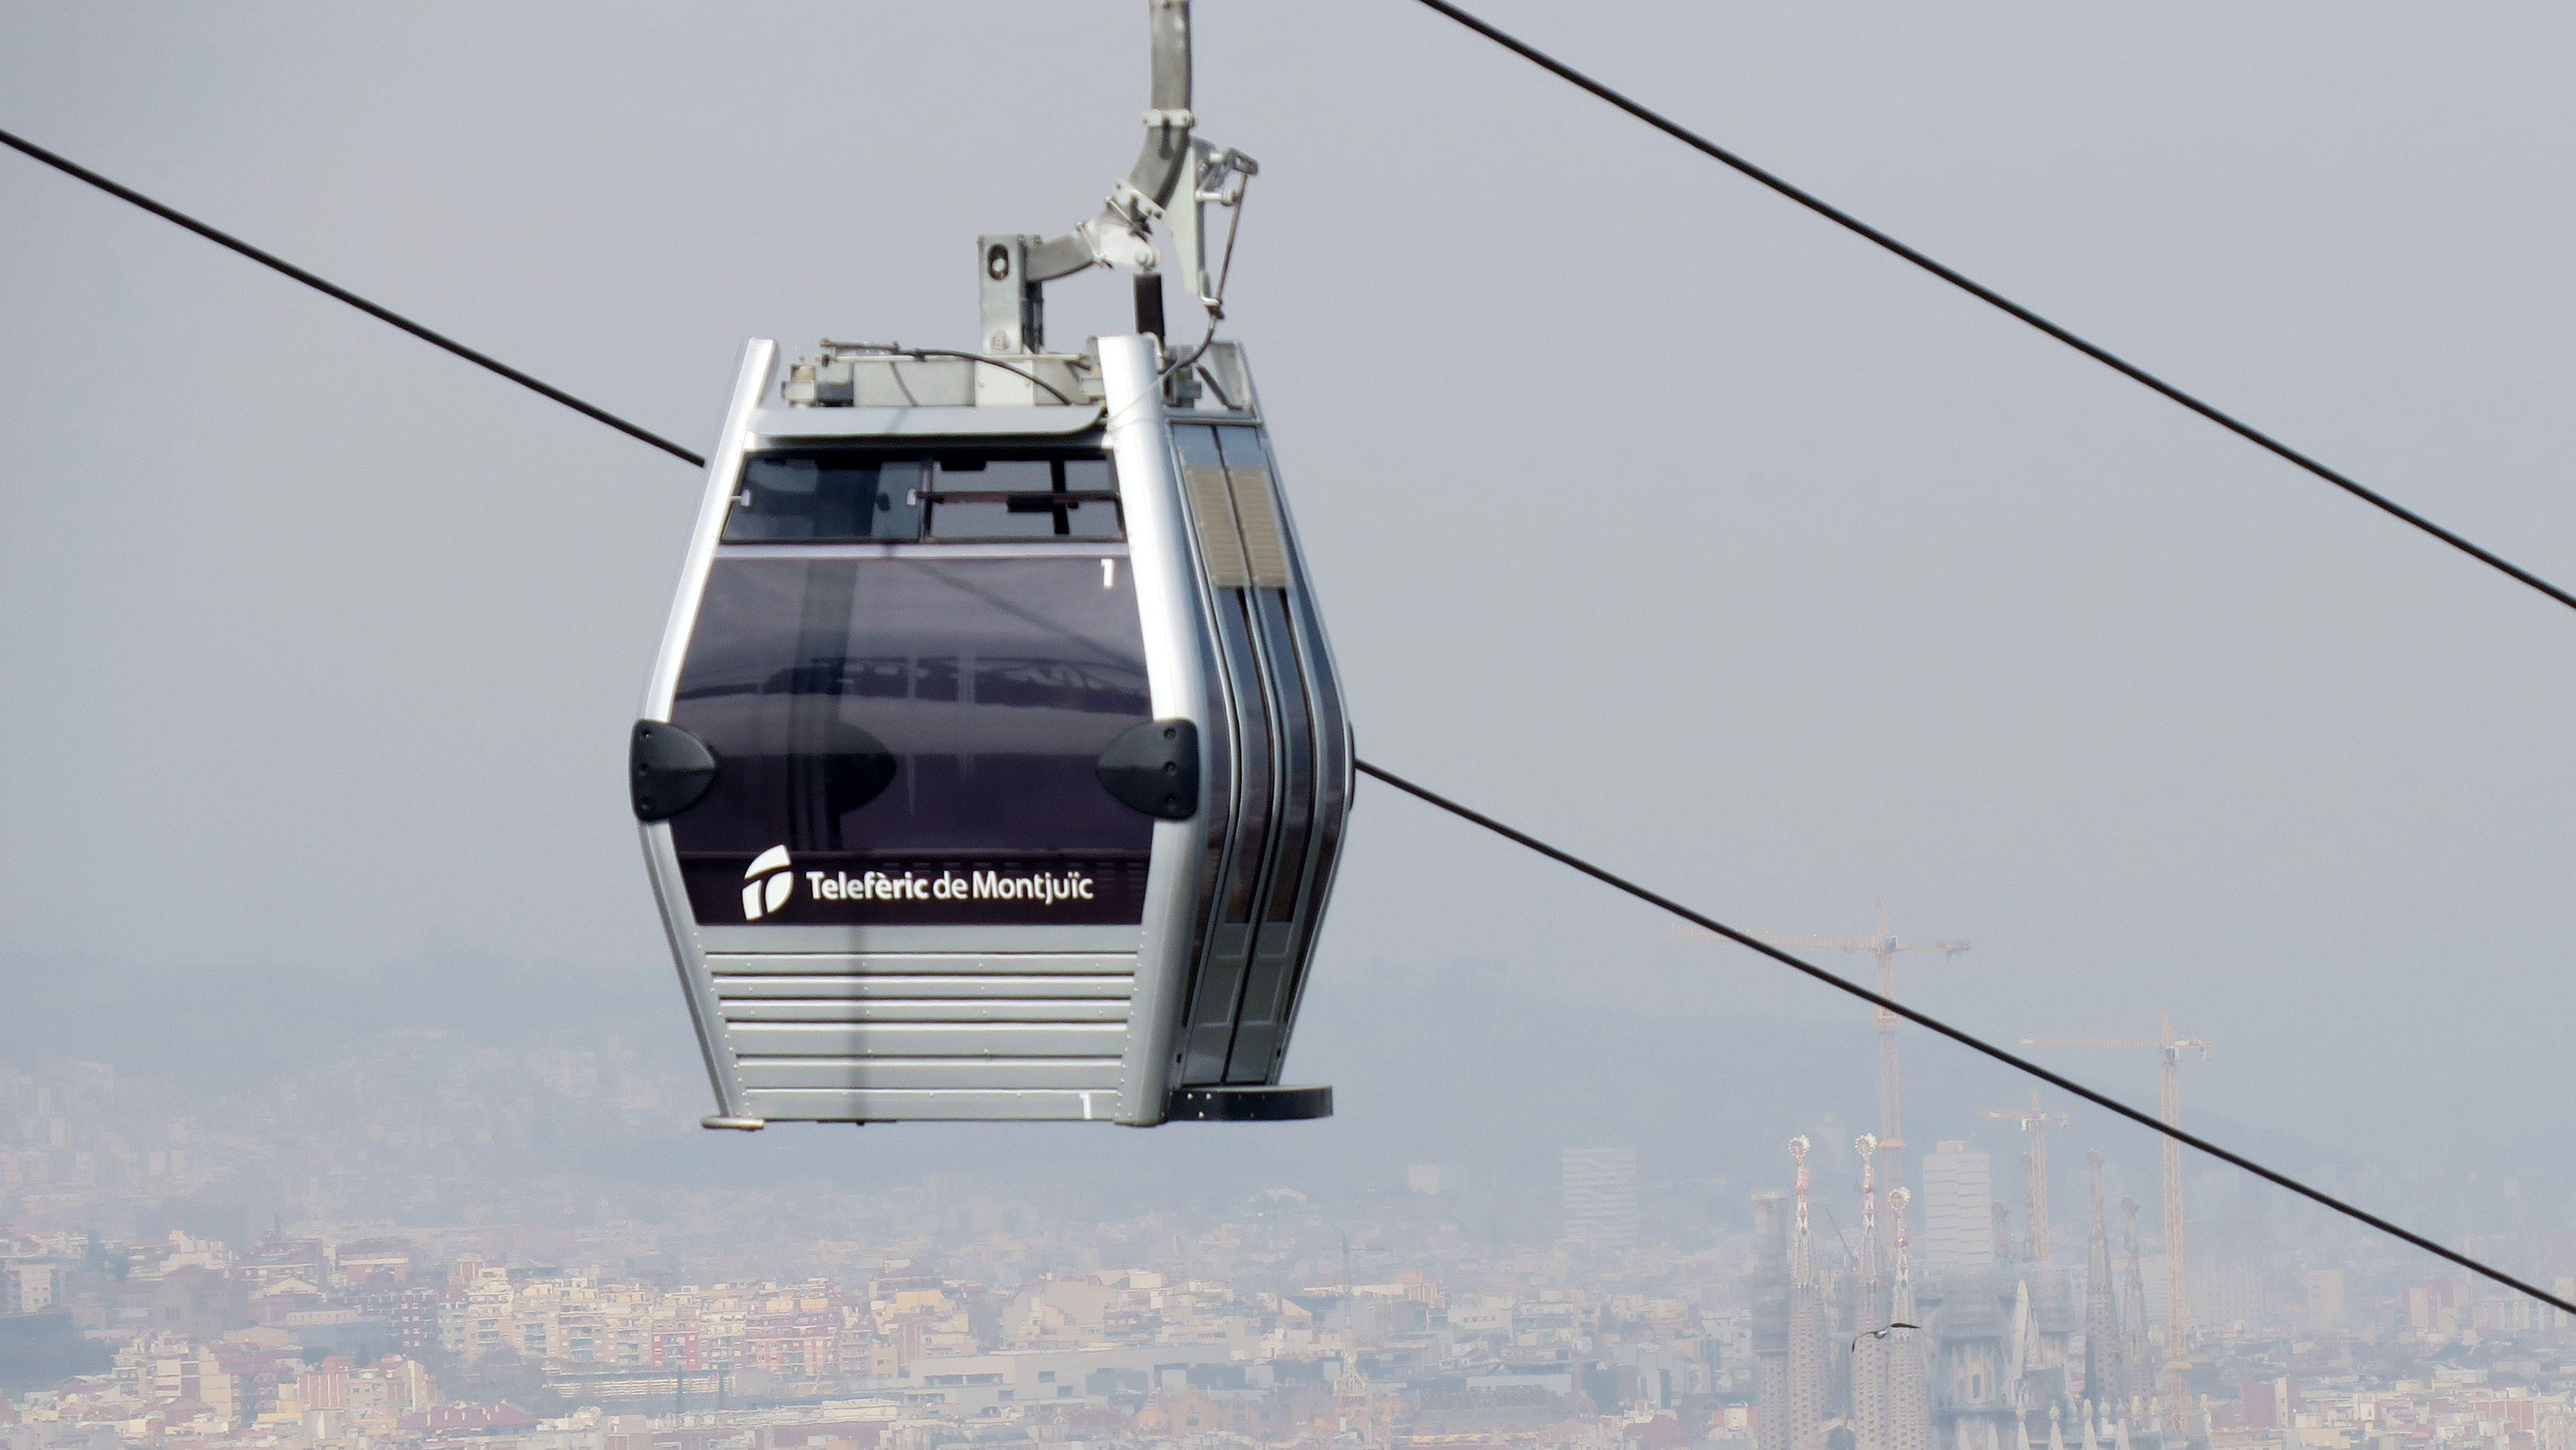 In Barcelona gibt es sie schon: Eine Seilbahn. In Bayern eruieren derzeit viele Kommunen, ob sie auch eine bekommen könnten.